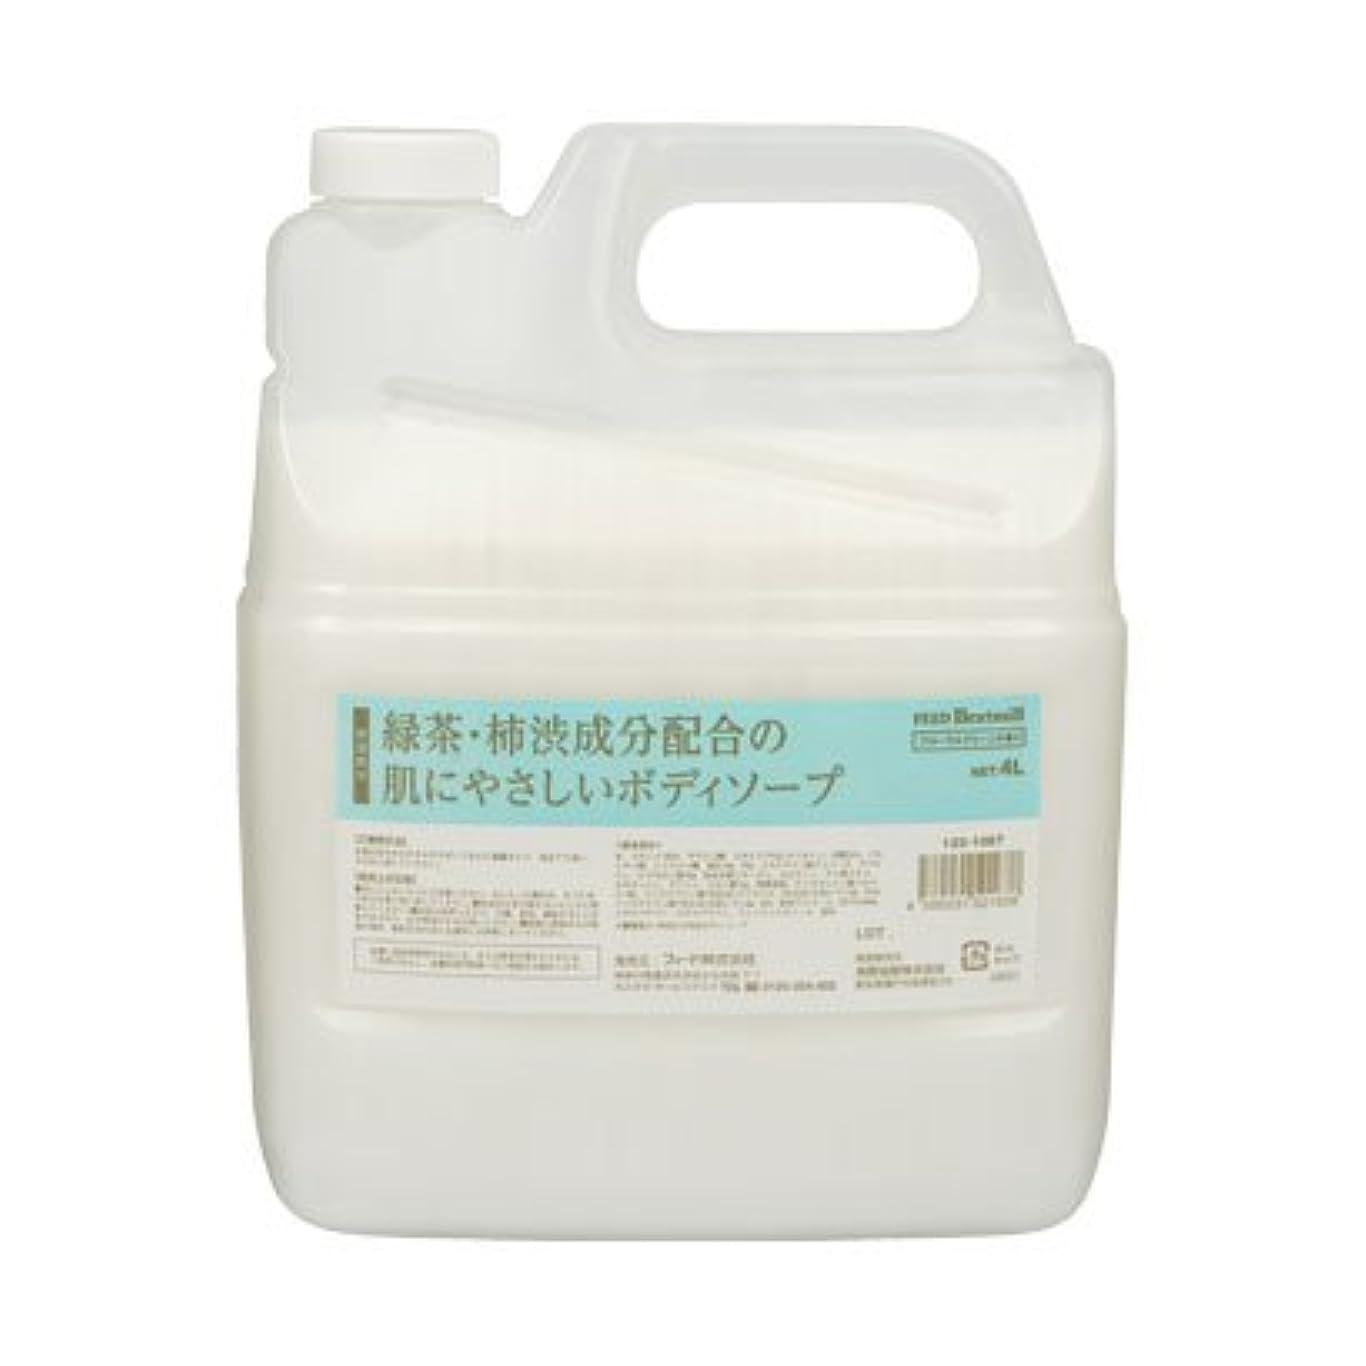 氷珍しい憂鬱な【業務用】 FEED(フィード) 緑茶?柿渋成分配合の肌にやさしいボディソープ/4L 石けん 入数 1本